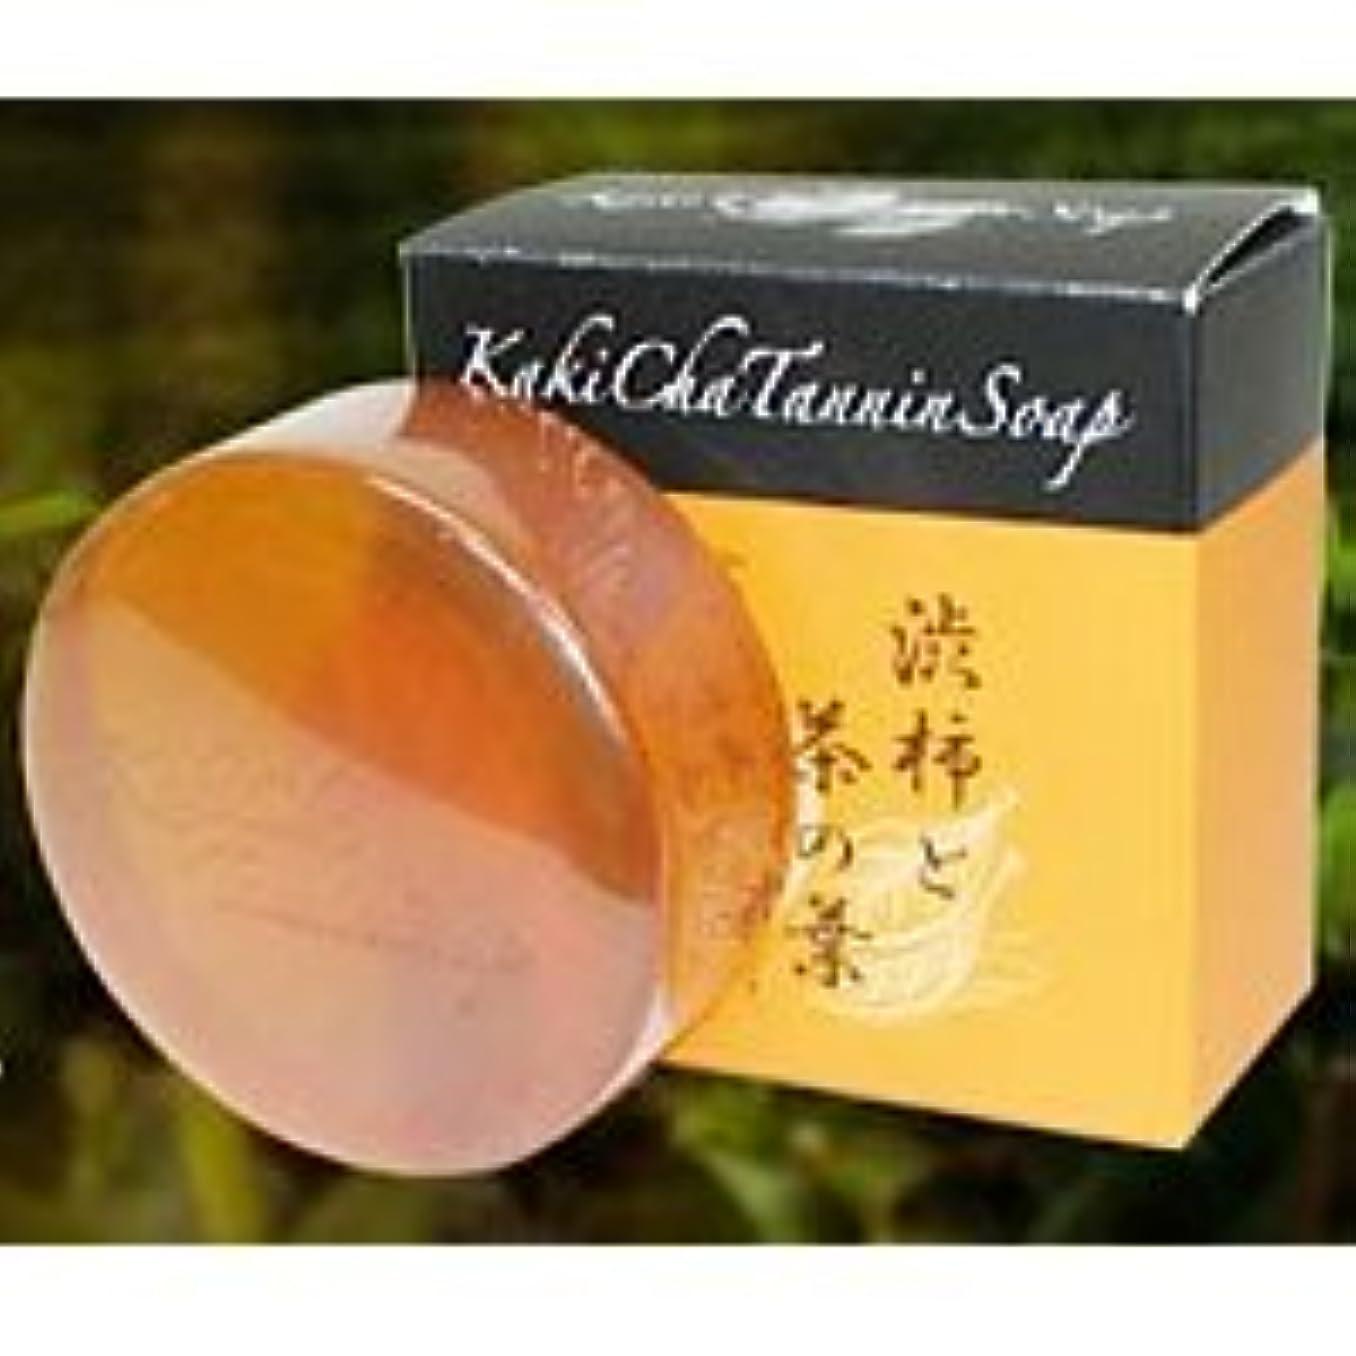 是正する急ぐ粘り強いカキチャタンニンソープ 安心の日本製 カキチャタンニンソープ (マイルドクリアソープ) カキチャ タンニンソープ 柿渋ソープ